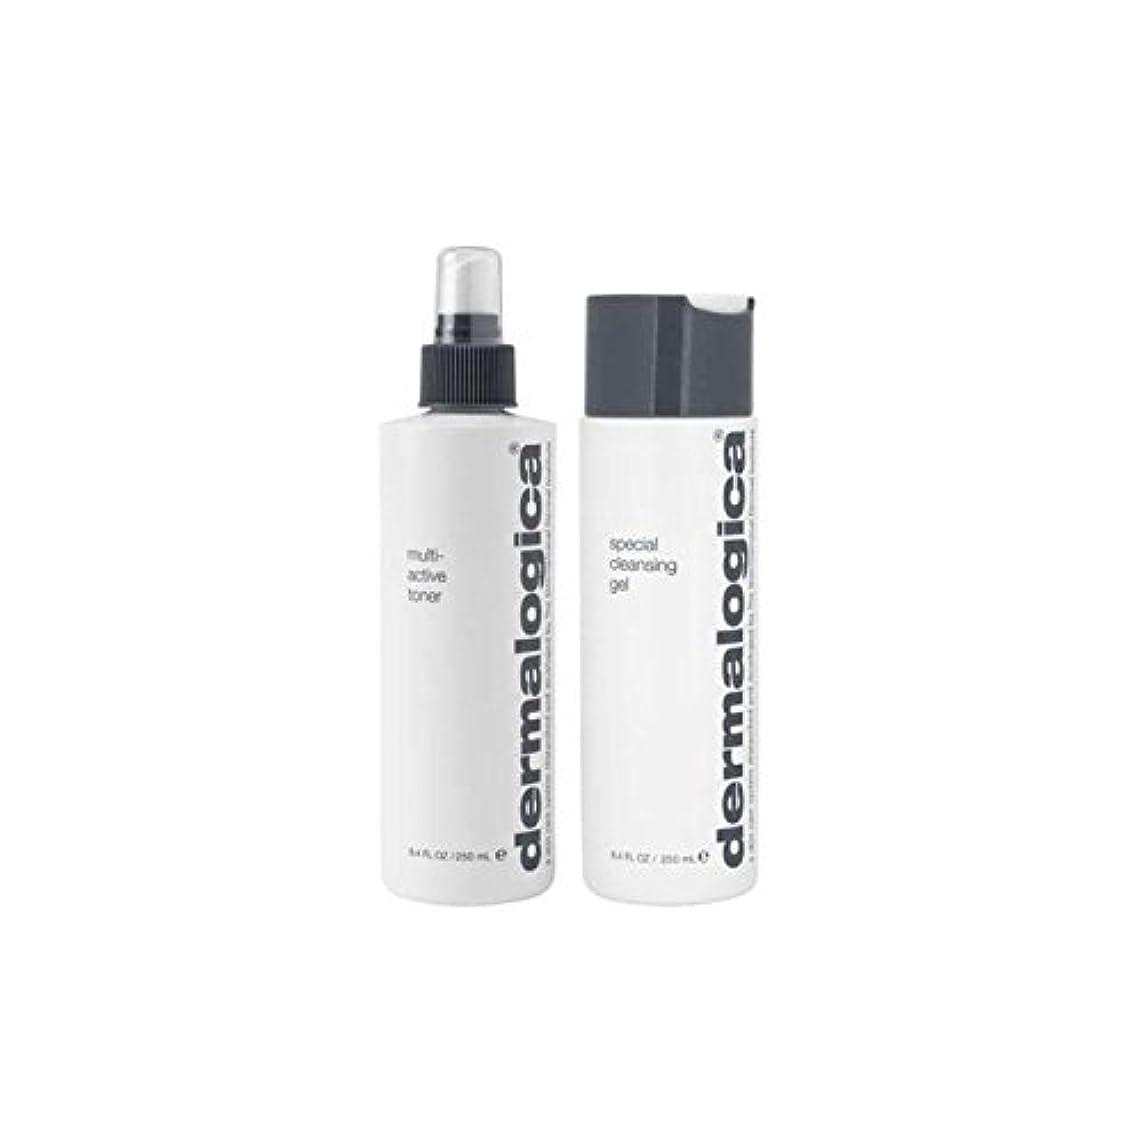 クリップ中断ピークDermalogica Cleanse & Tone Duo - Normal/Dry Skin (2 Products) (Pack of 6) - ダーマロジカクレンジング&トーンデュオ - ノーマル/ドライスキン(...